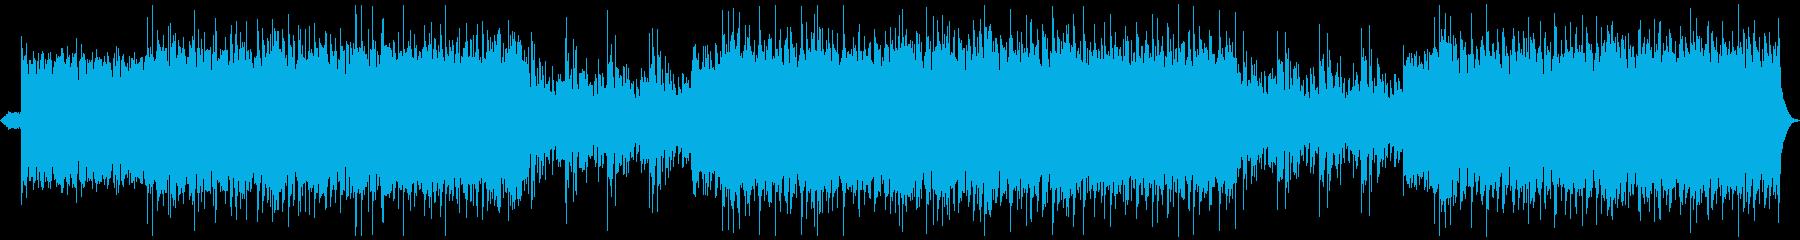 エレキギターが熱く疾走するメタル・ロックの再生済みの波形